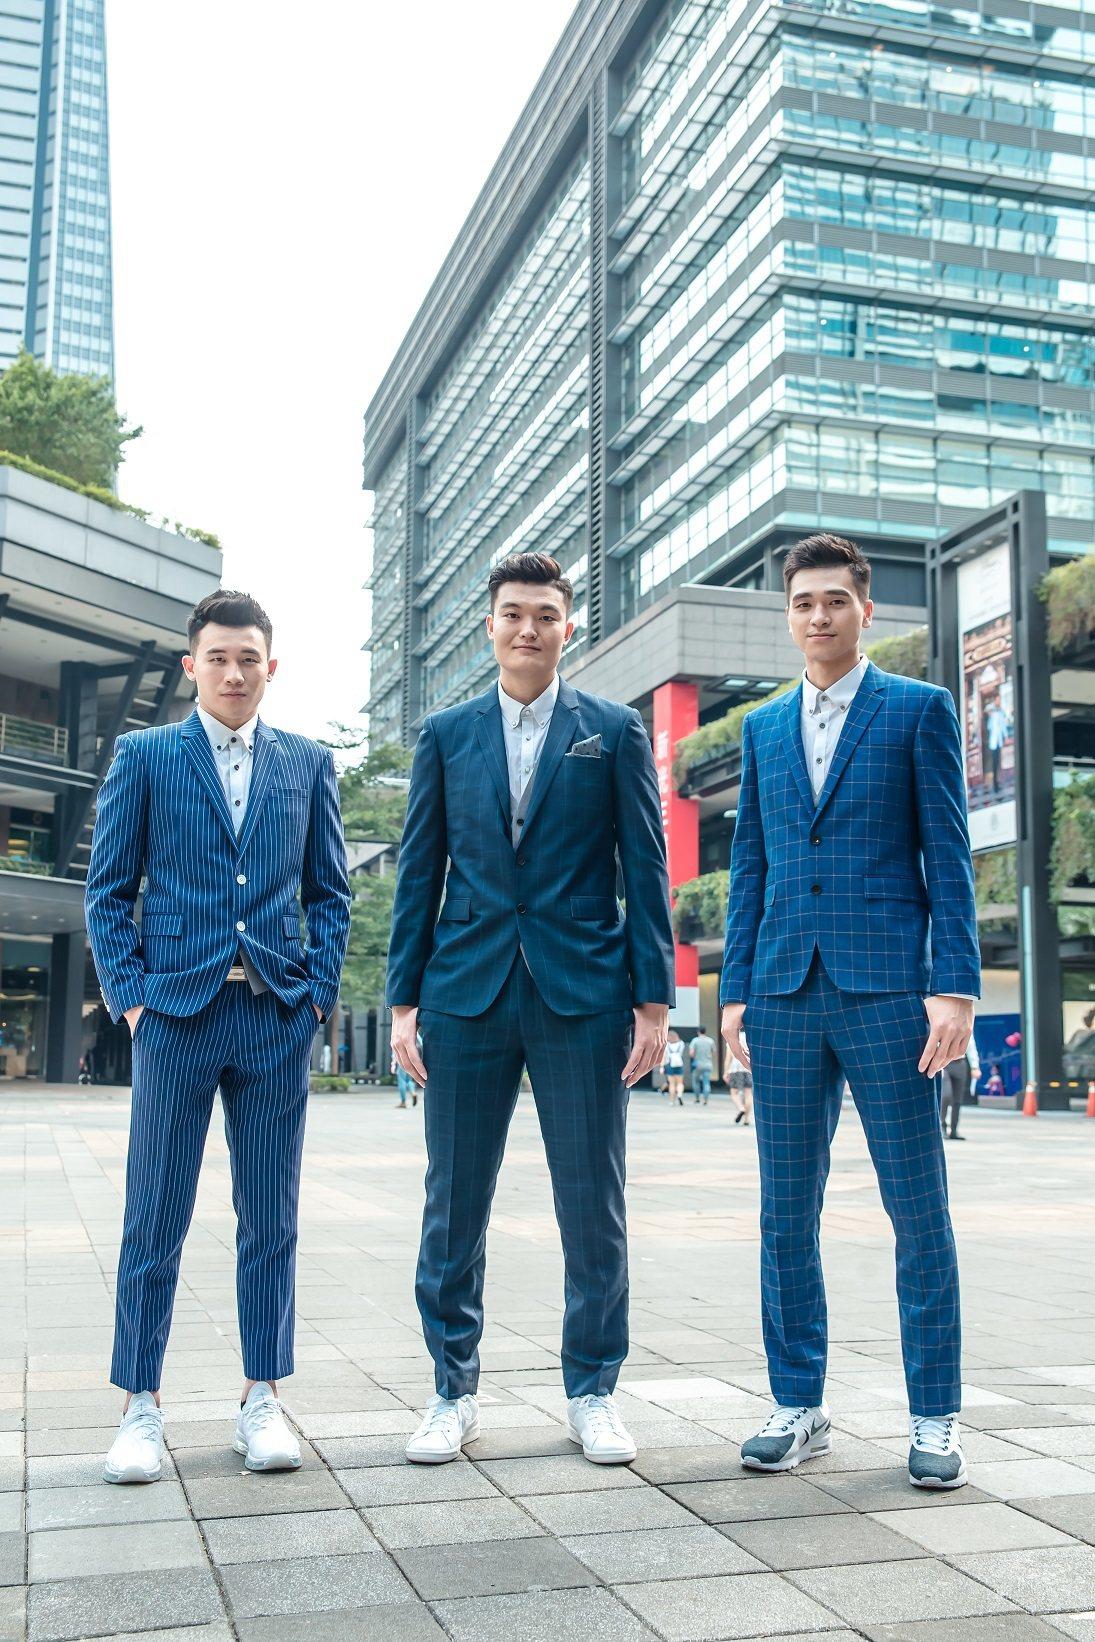 李愷諺(左起)、蘇奕晉、黃聰翰難得以西裝裝扮公開亮相。圖/引爆運動訓練EMPOW...